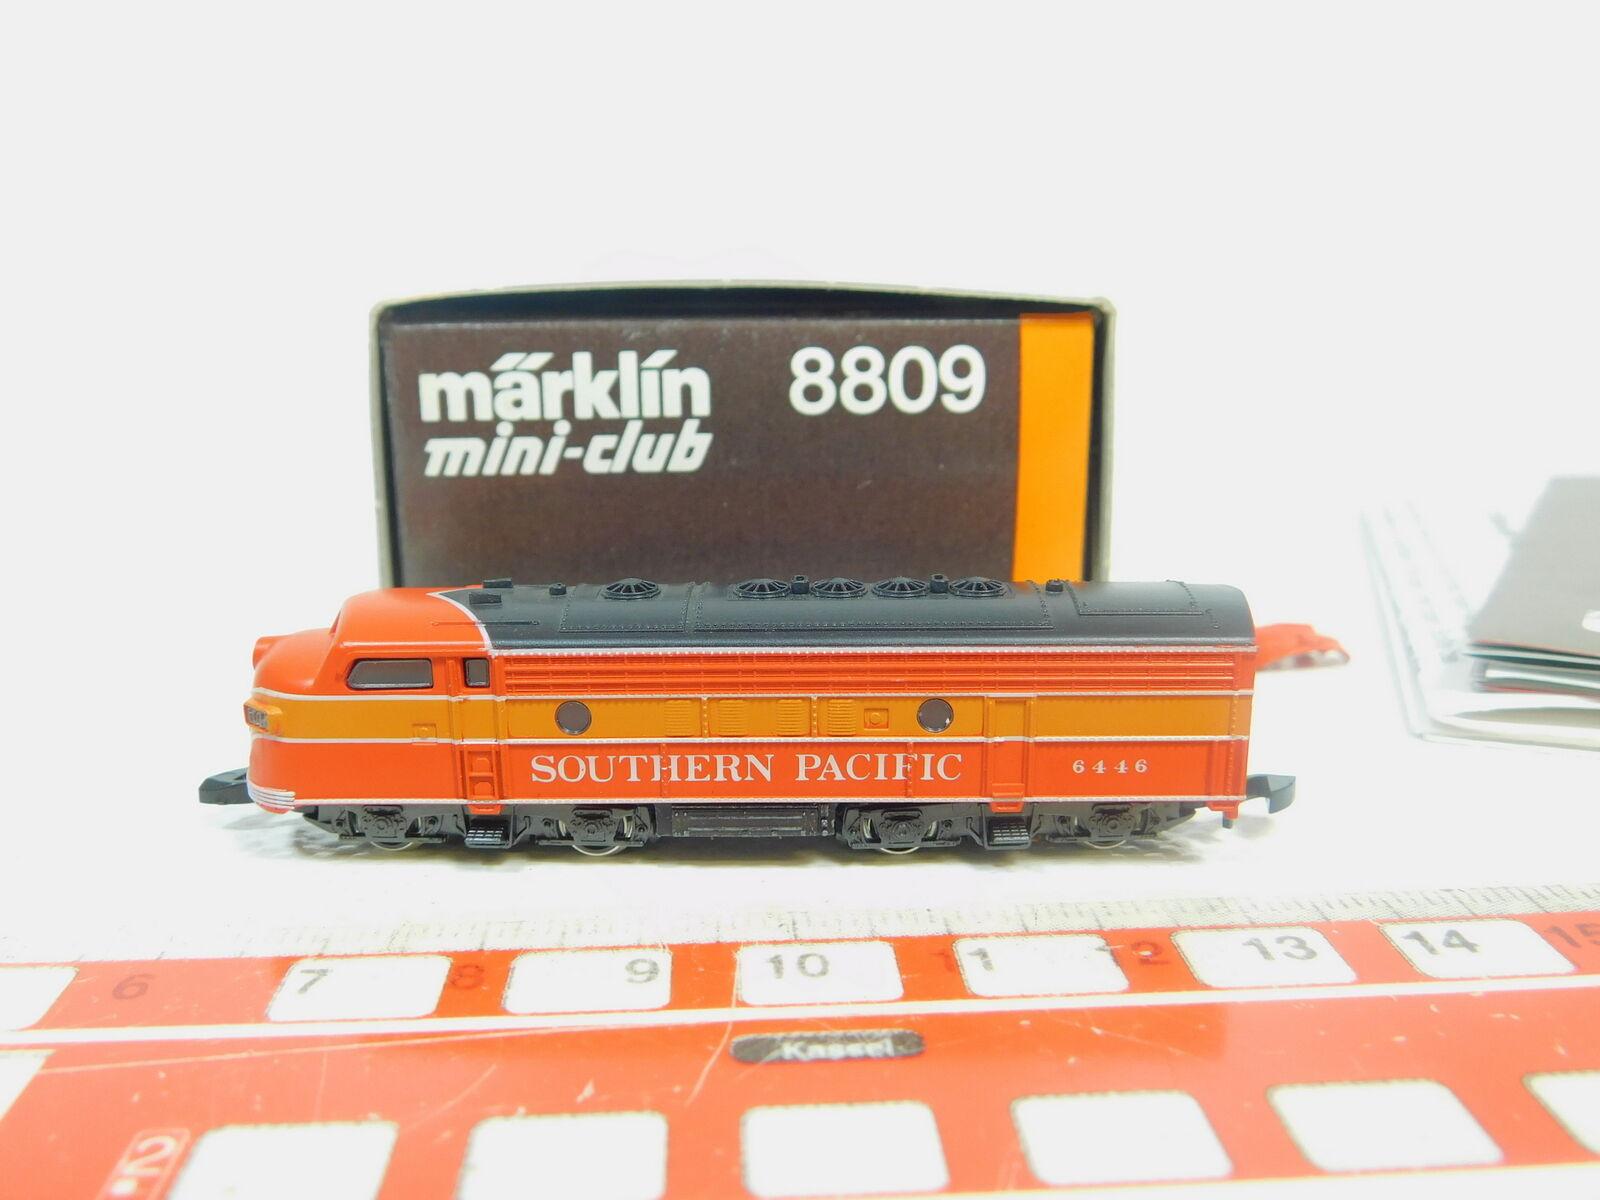 BP270-0,5  Märklin mini-club Spur Z DC 8809 US- USA-Diesellok SP 6446, s.g.OVP  | Clever und praktisch